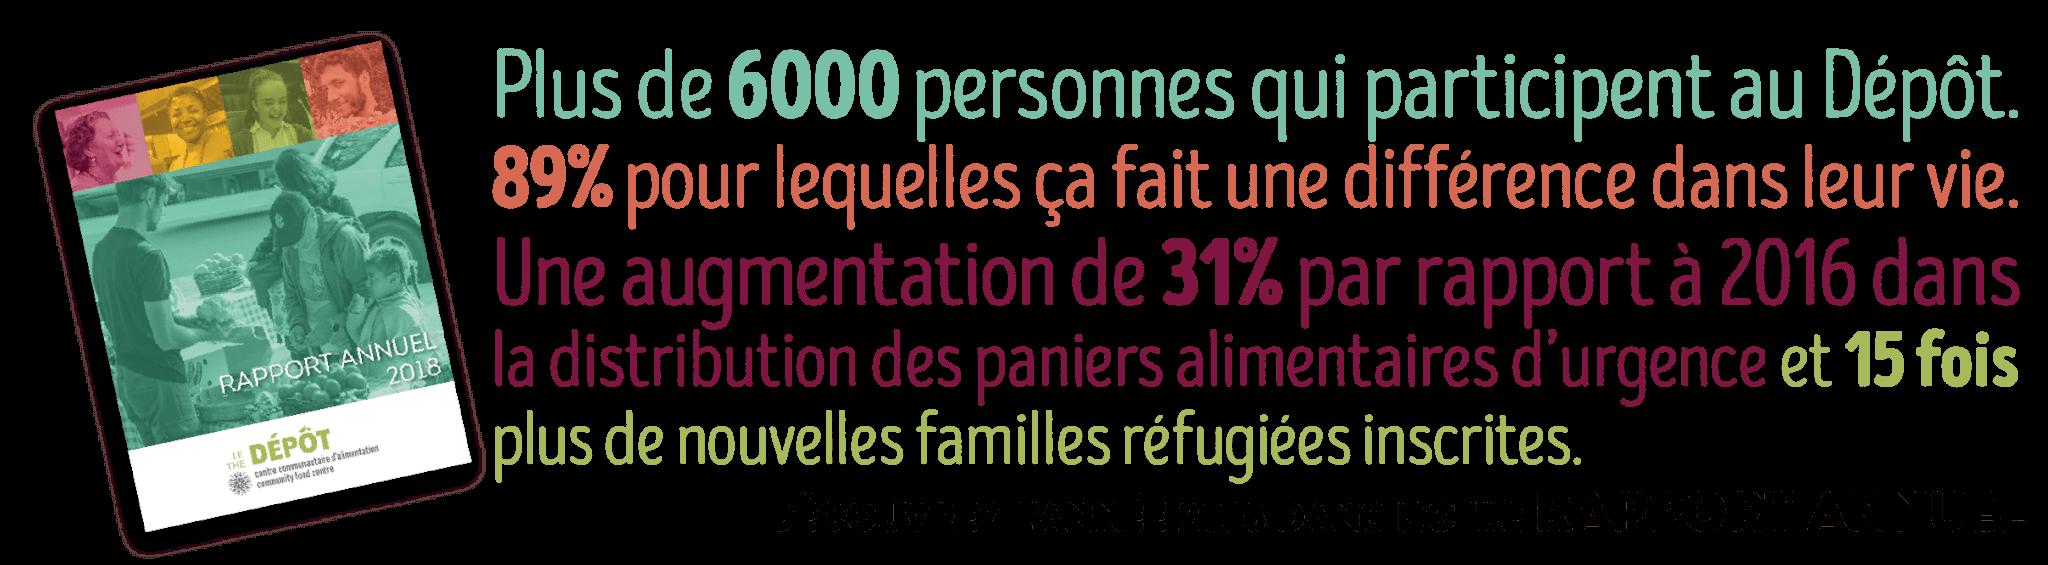 Plus de 6000 personnes qui participent au Dépôt. 89 pour cent pour lesquelles ça fait une différence dans leur vie. Une augmentation de 31 pour cent par rapport à 2016 dans la distribution des paniers alimentaires d'urgence et 15 fois plus de nouvelles familles réfugiées inscrites. Découvrez l'année 2018 dans notre rapport annuel.